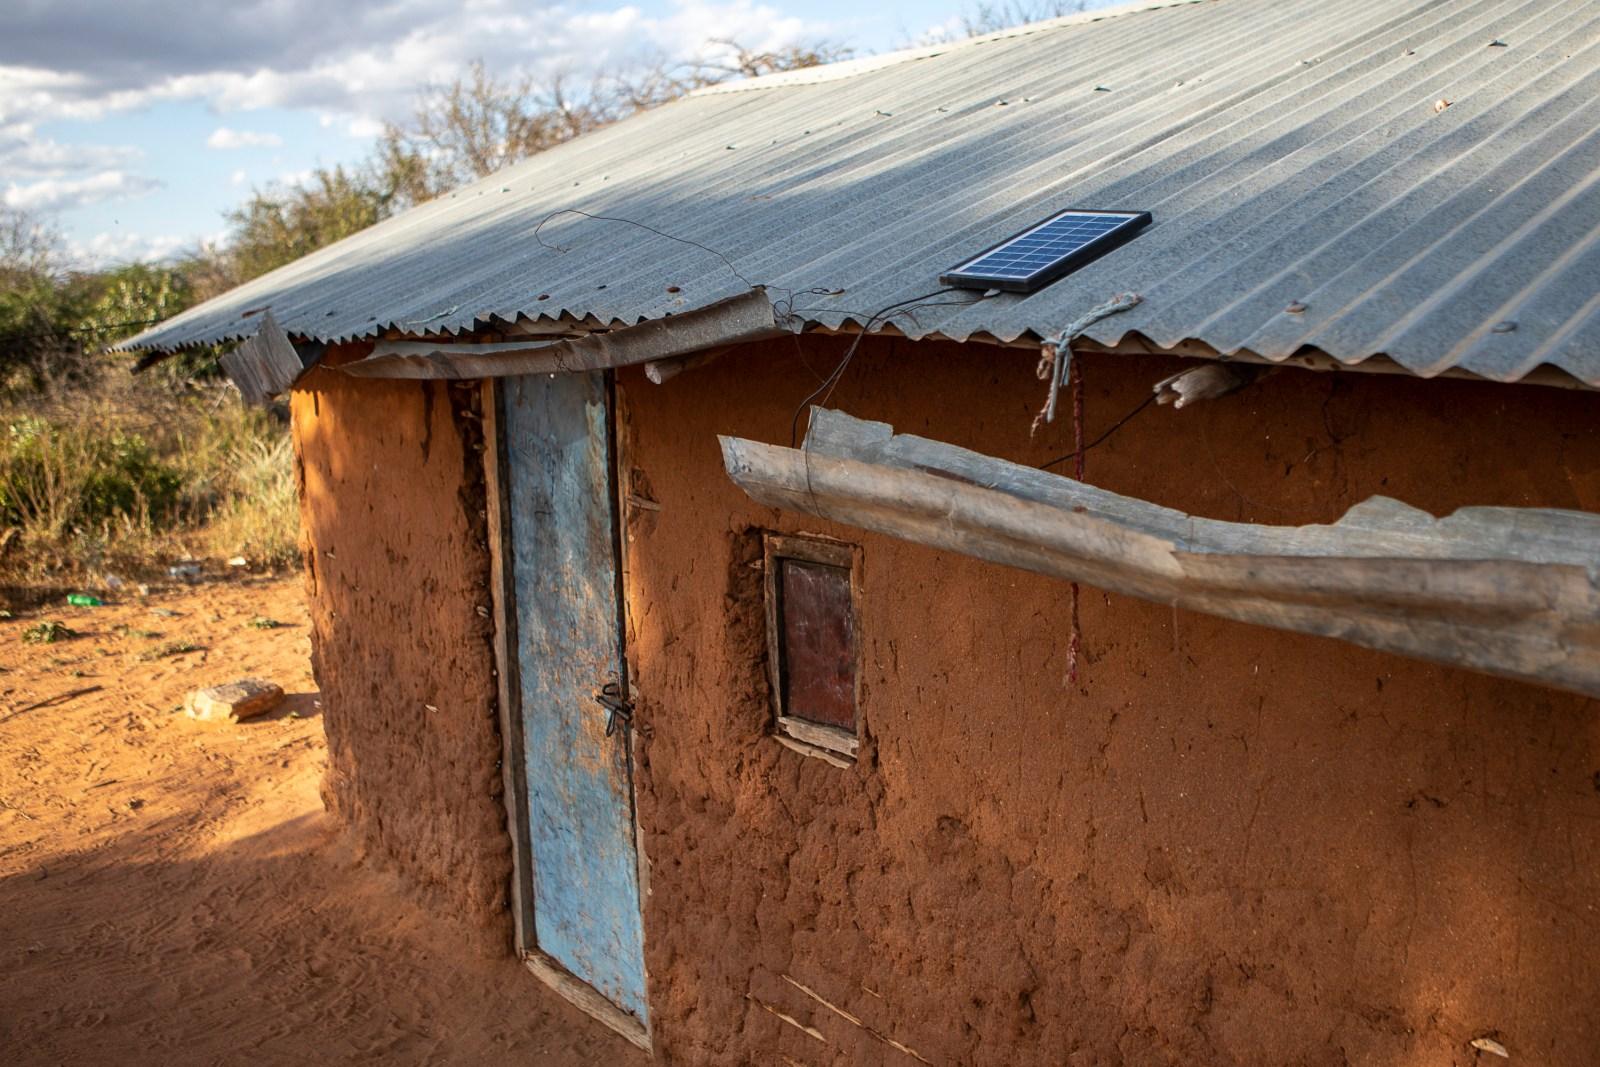 Bild från förra året där en bonde hade en solpanel på taket för att kunna ha el till belysning och laddning av mobiltelefon.